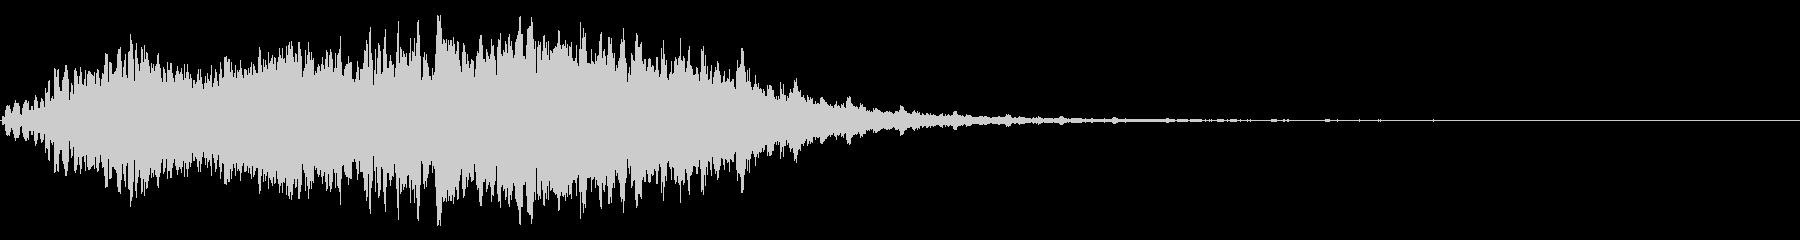 ピコピコ効果音の未再生の波形